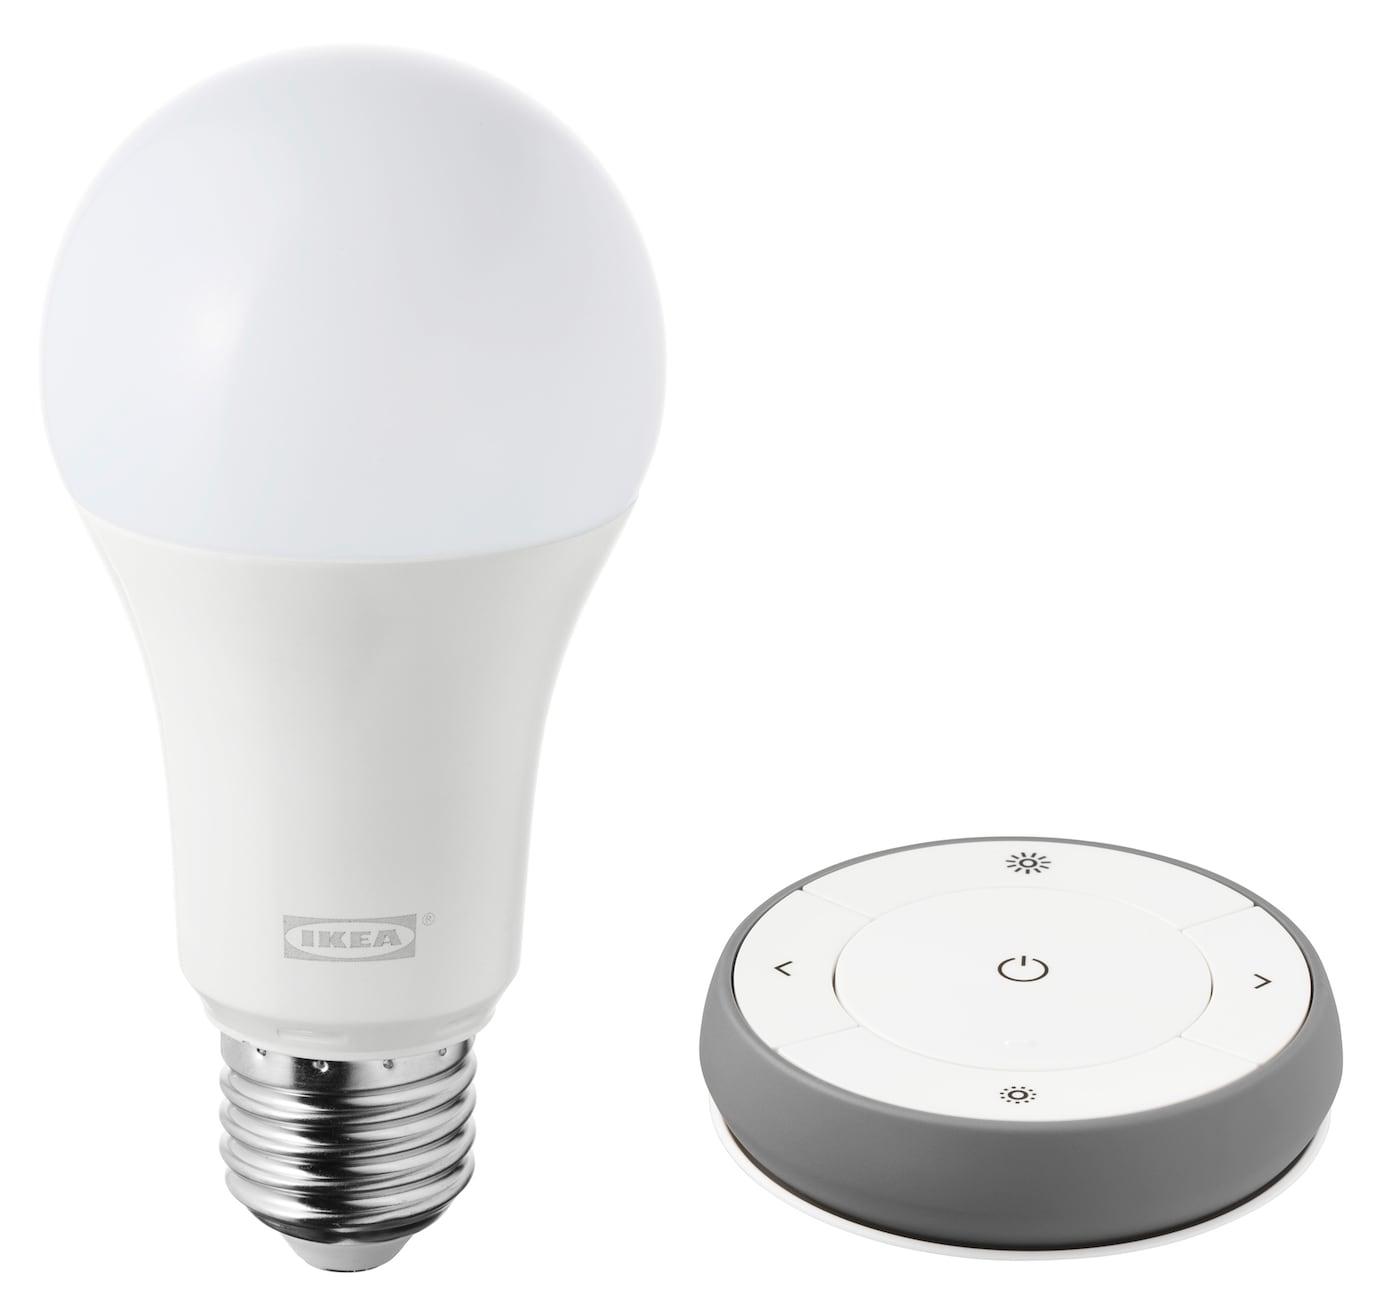 LED 전구와 리모컨을 포함한 TRÅDFRI 트로드프리 밝기조절 키트의 백색 스펙트럼